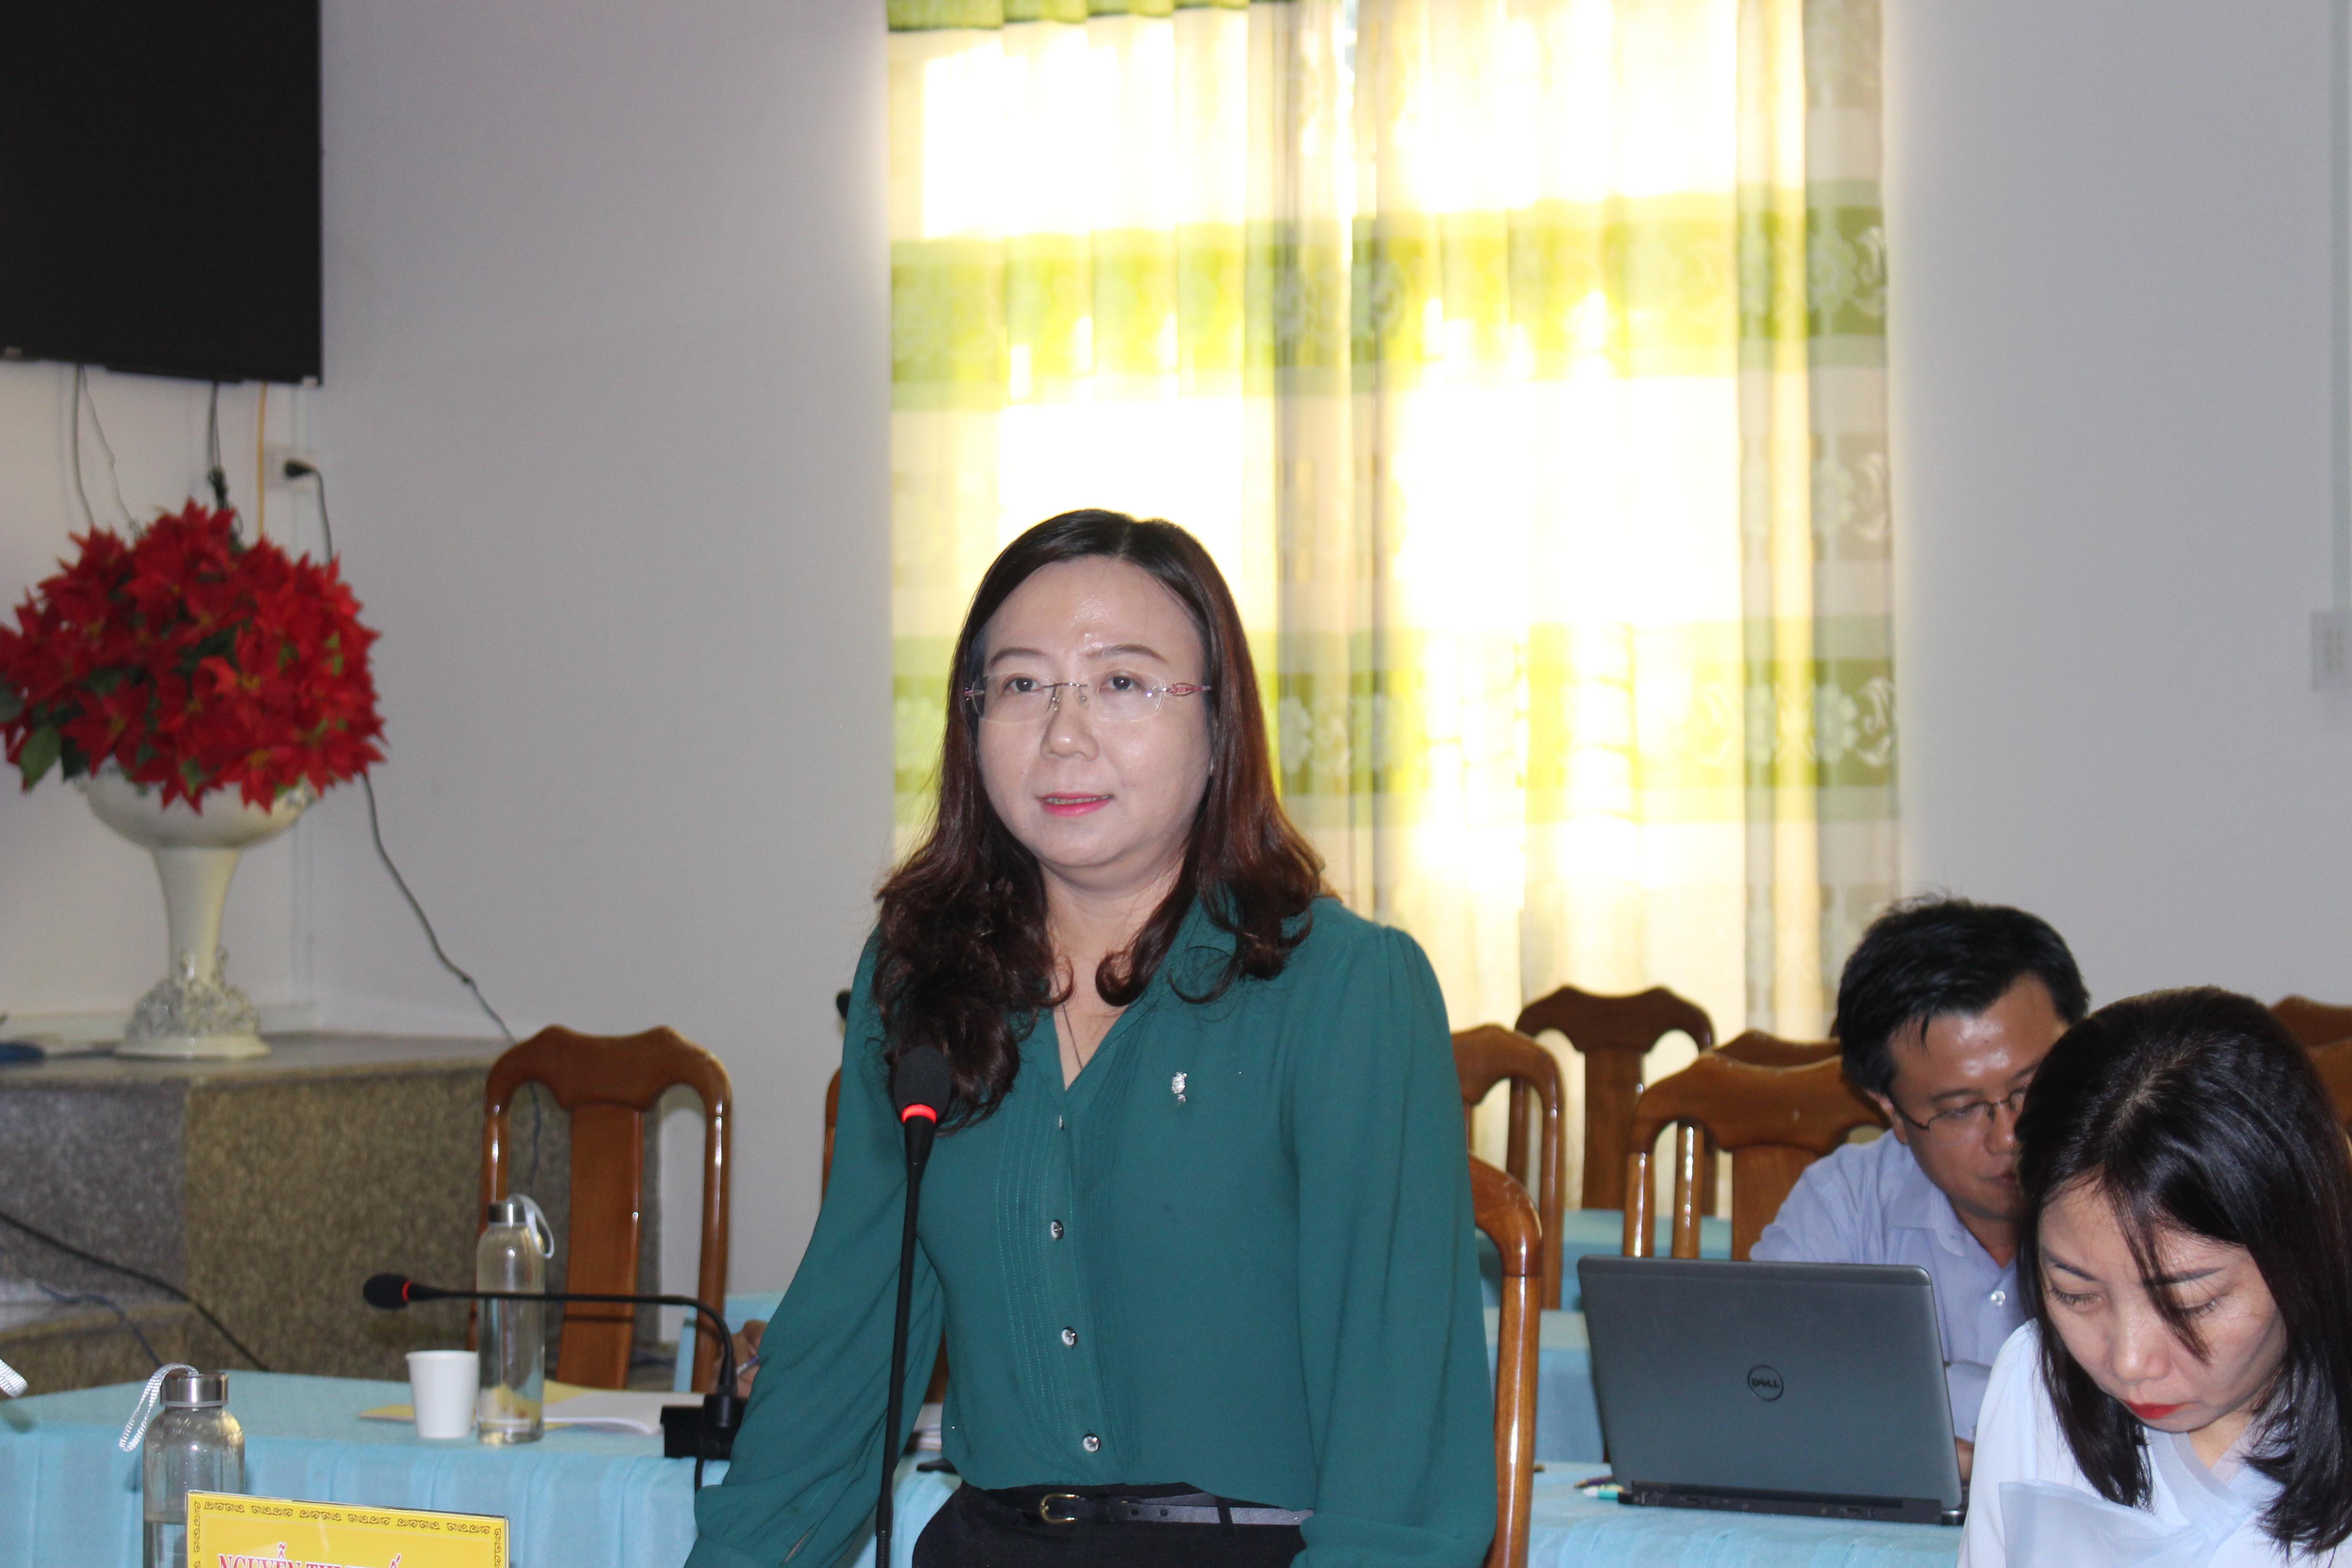 Bà Nguyễn Thị Tuyết Minh - Phó Chủ tịch UBMTTQ VN tỉnh An Giang phát biểu tại buổi làm việc.